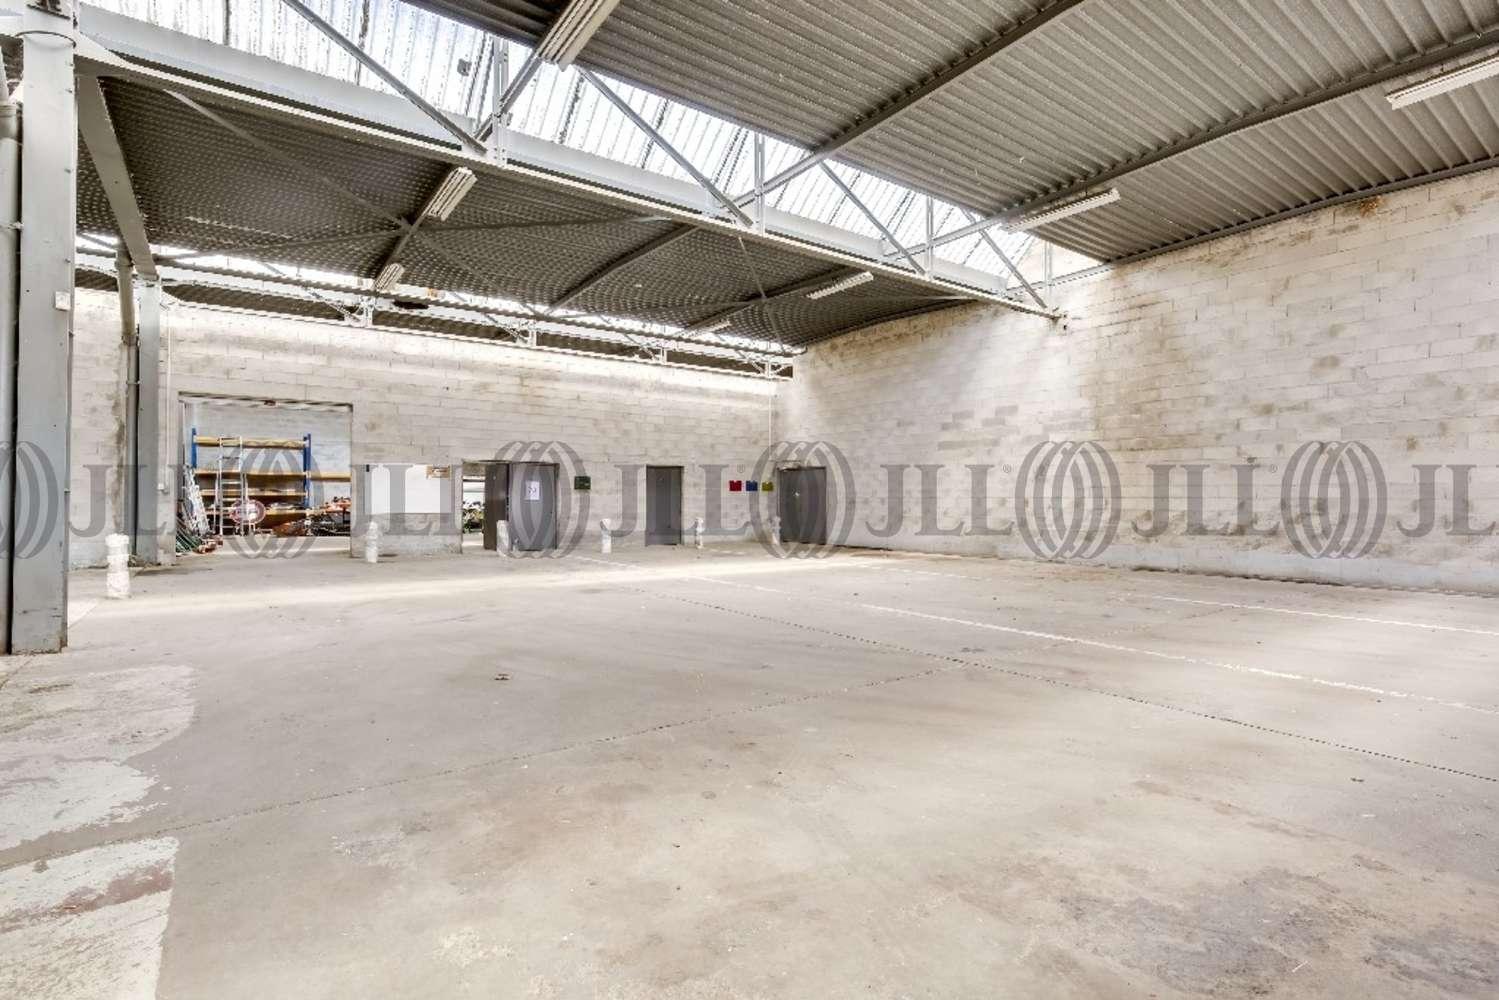 Activités/entrepôt Vaux le penil, 77000 - 92 AVENUE SAINT-JUST